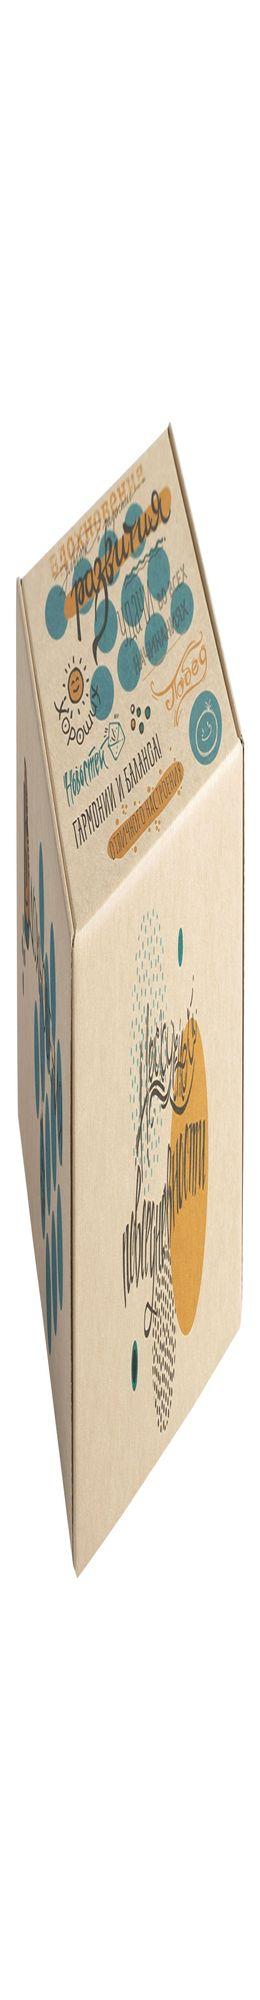 Коробка Carpe Diem, малая фото